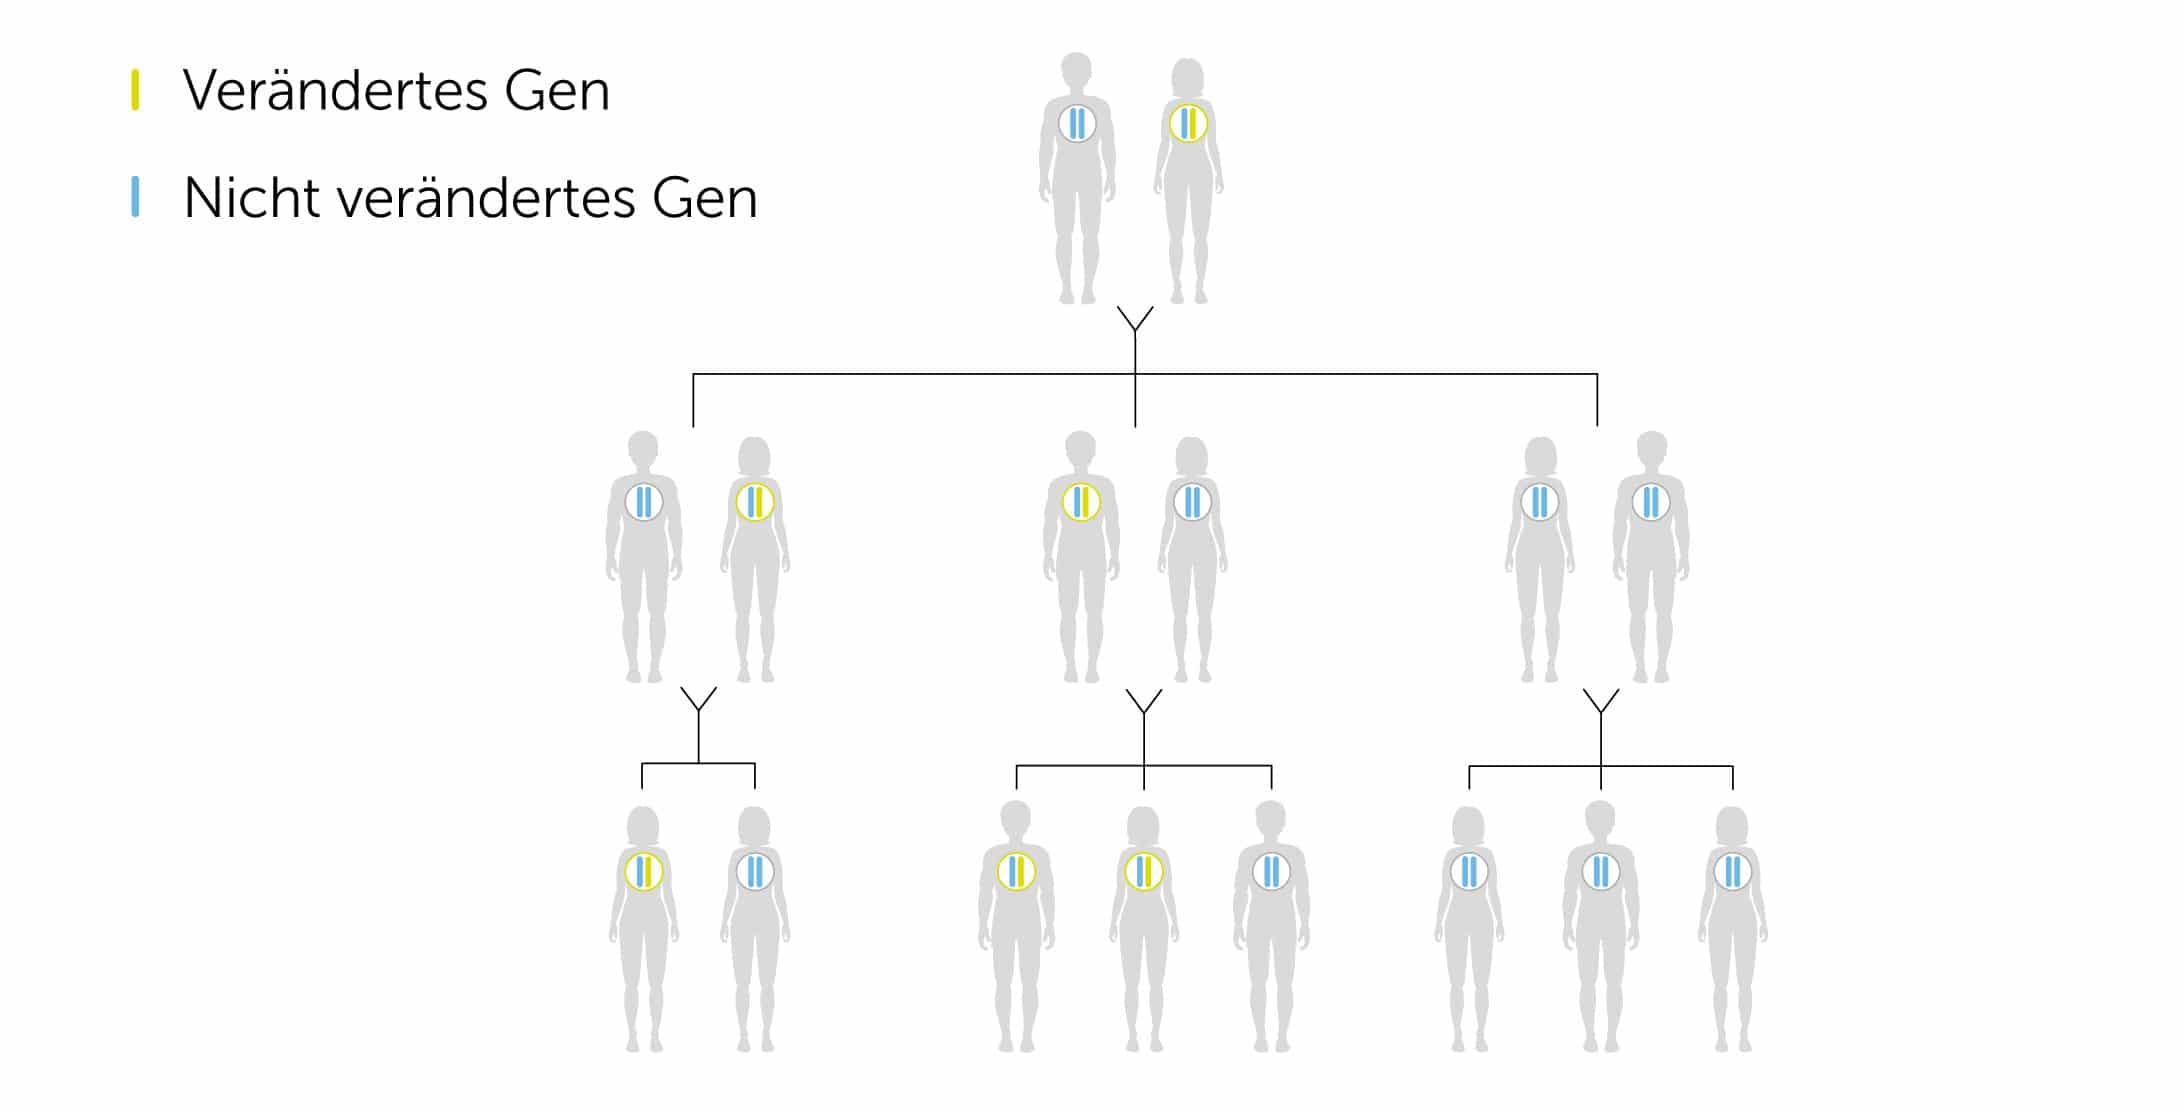 Vererbung der für Brustkrebs verantwortlichen BRCA1/2 Mutation im Stammbaum